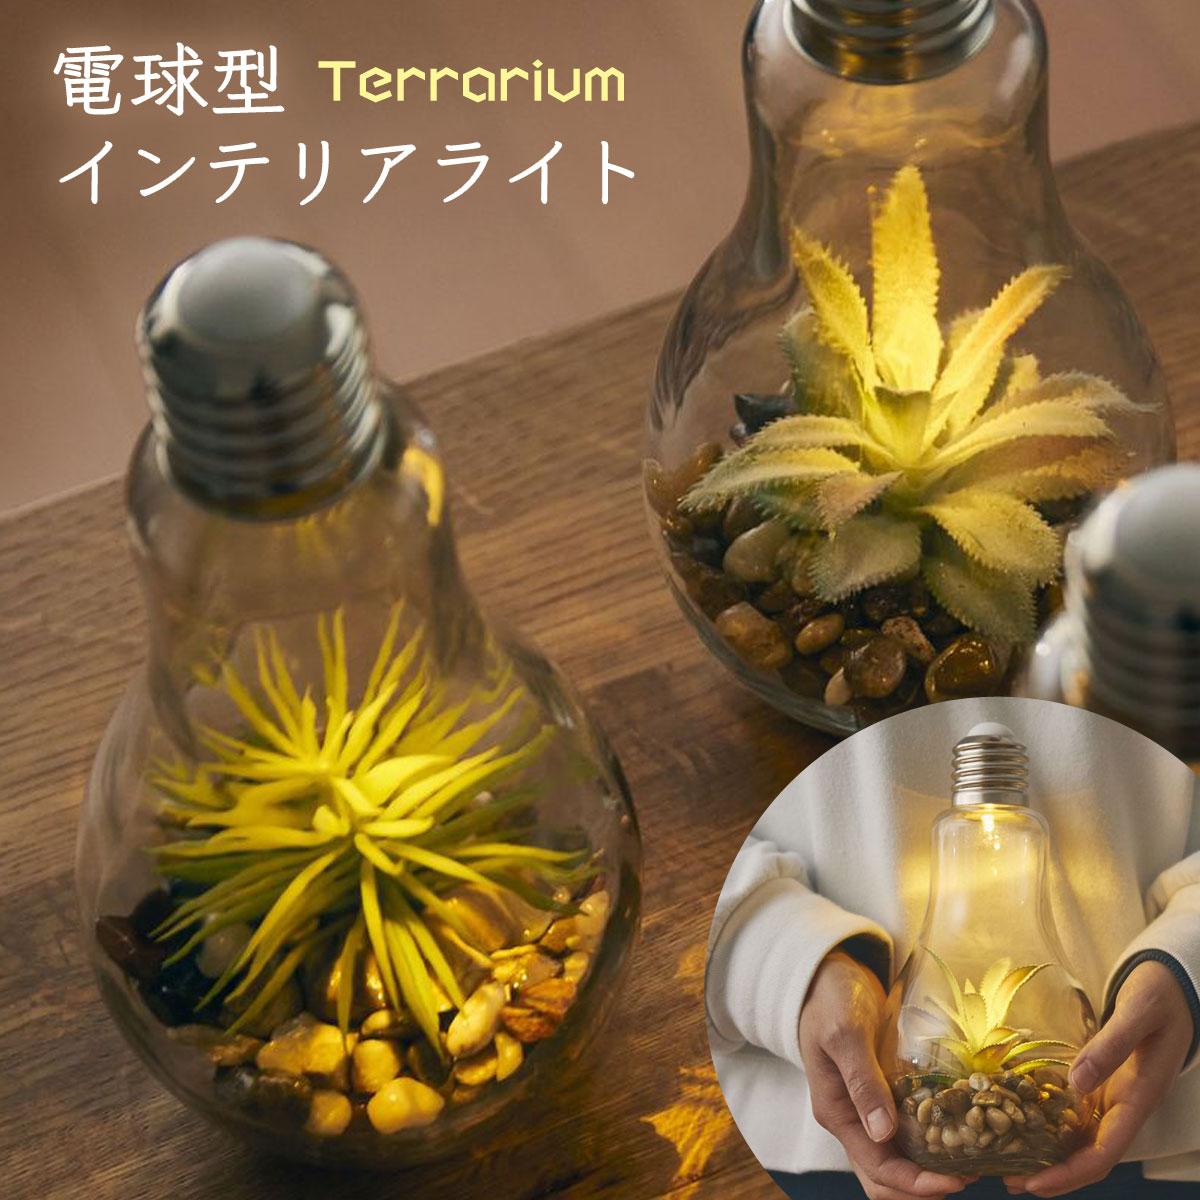 テーブルライト ライト 卓上 間接照明 照明 テラリウム 電球 植物 グリーン 電池式 リビング インテリア 玄関 寝室 かわいい おしゃれ 電球型インテリアライト Terrarium テラリウム